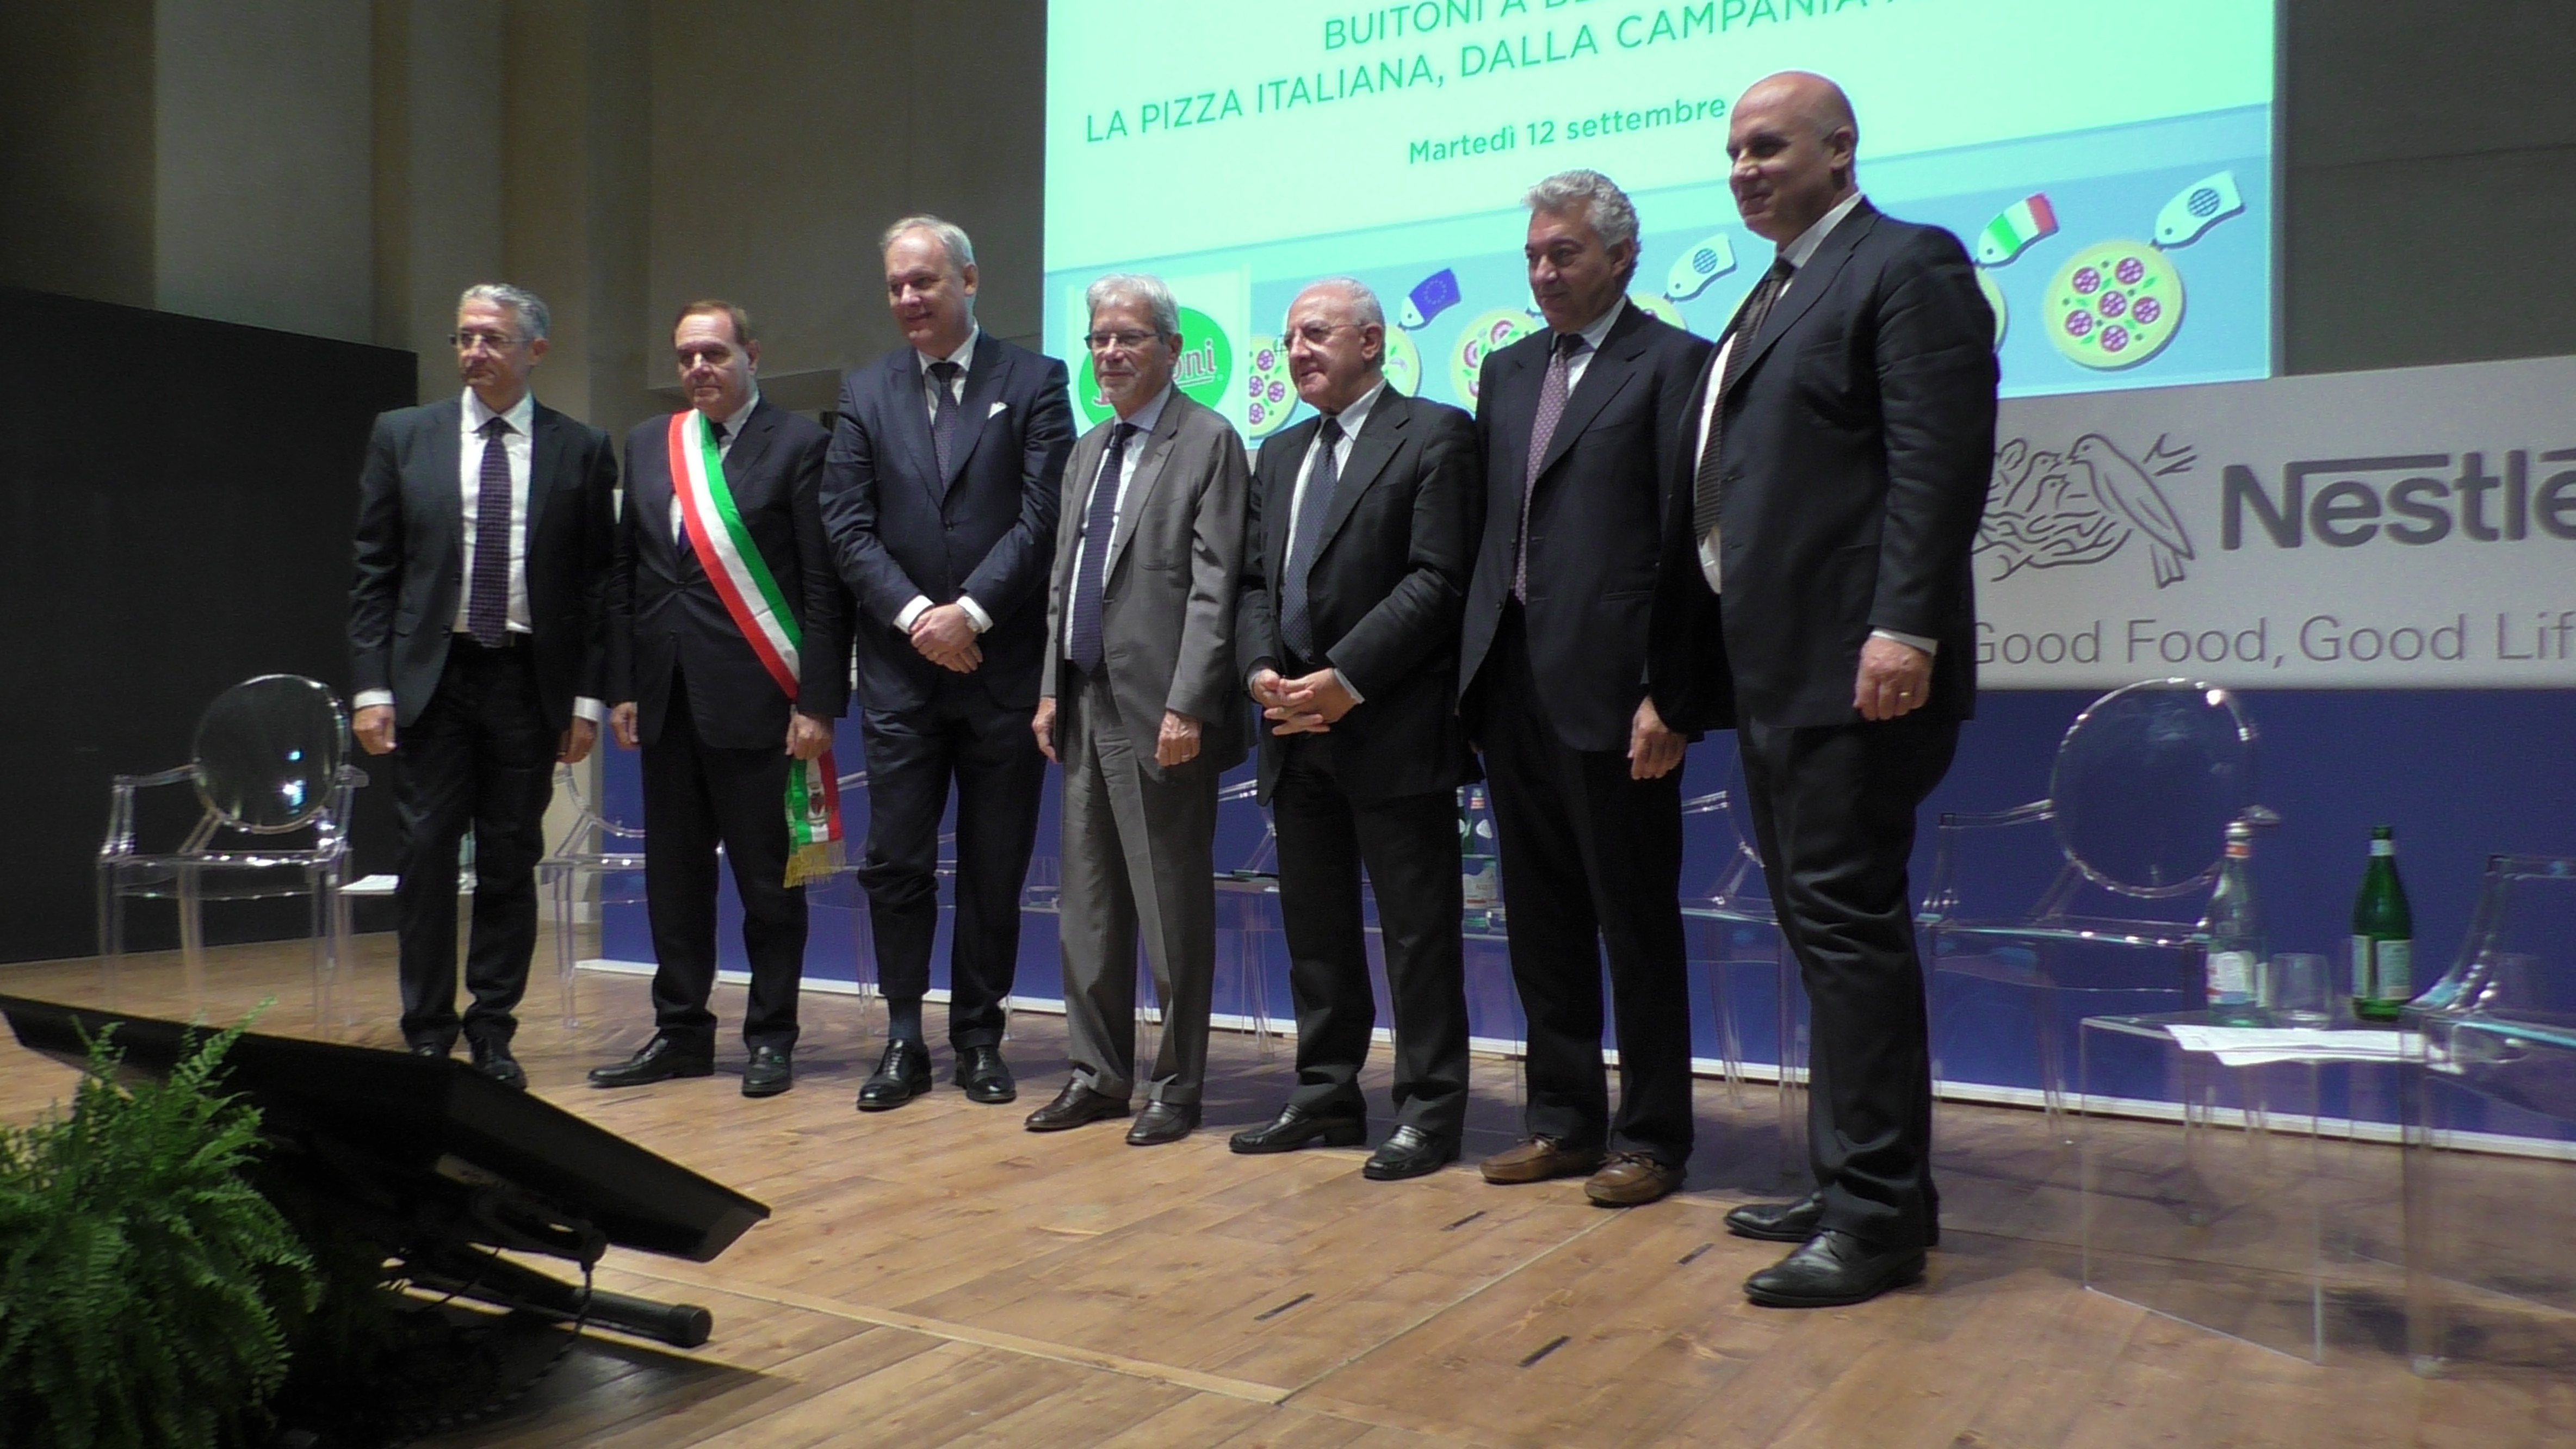 Nestlé, investimento 50 mln per 'hub' pizza Buitoni a Benevento